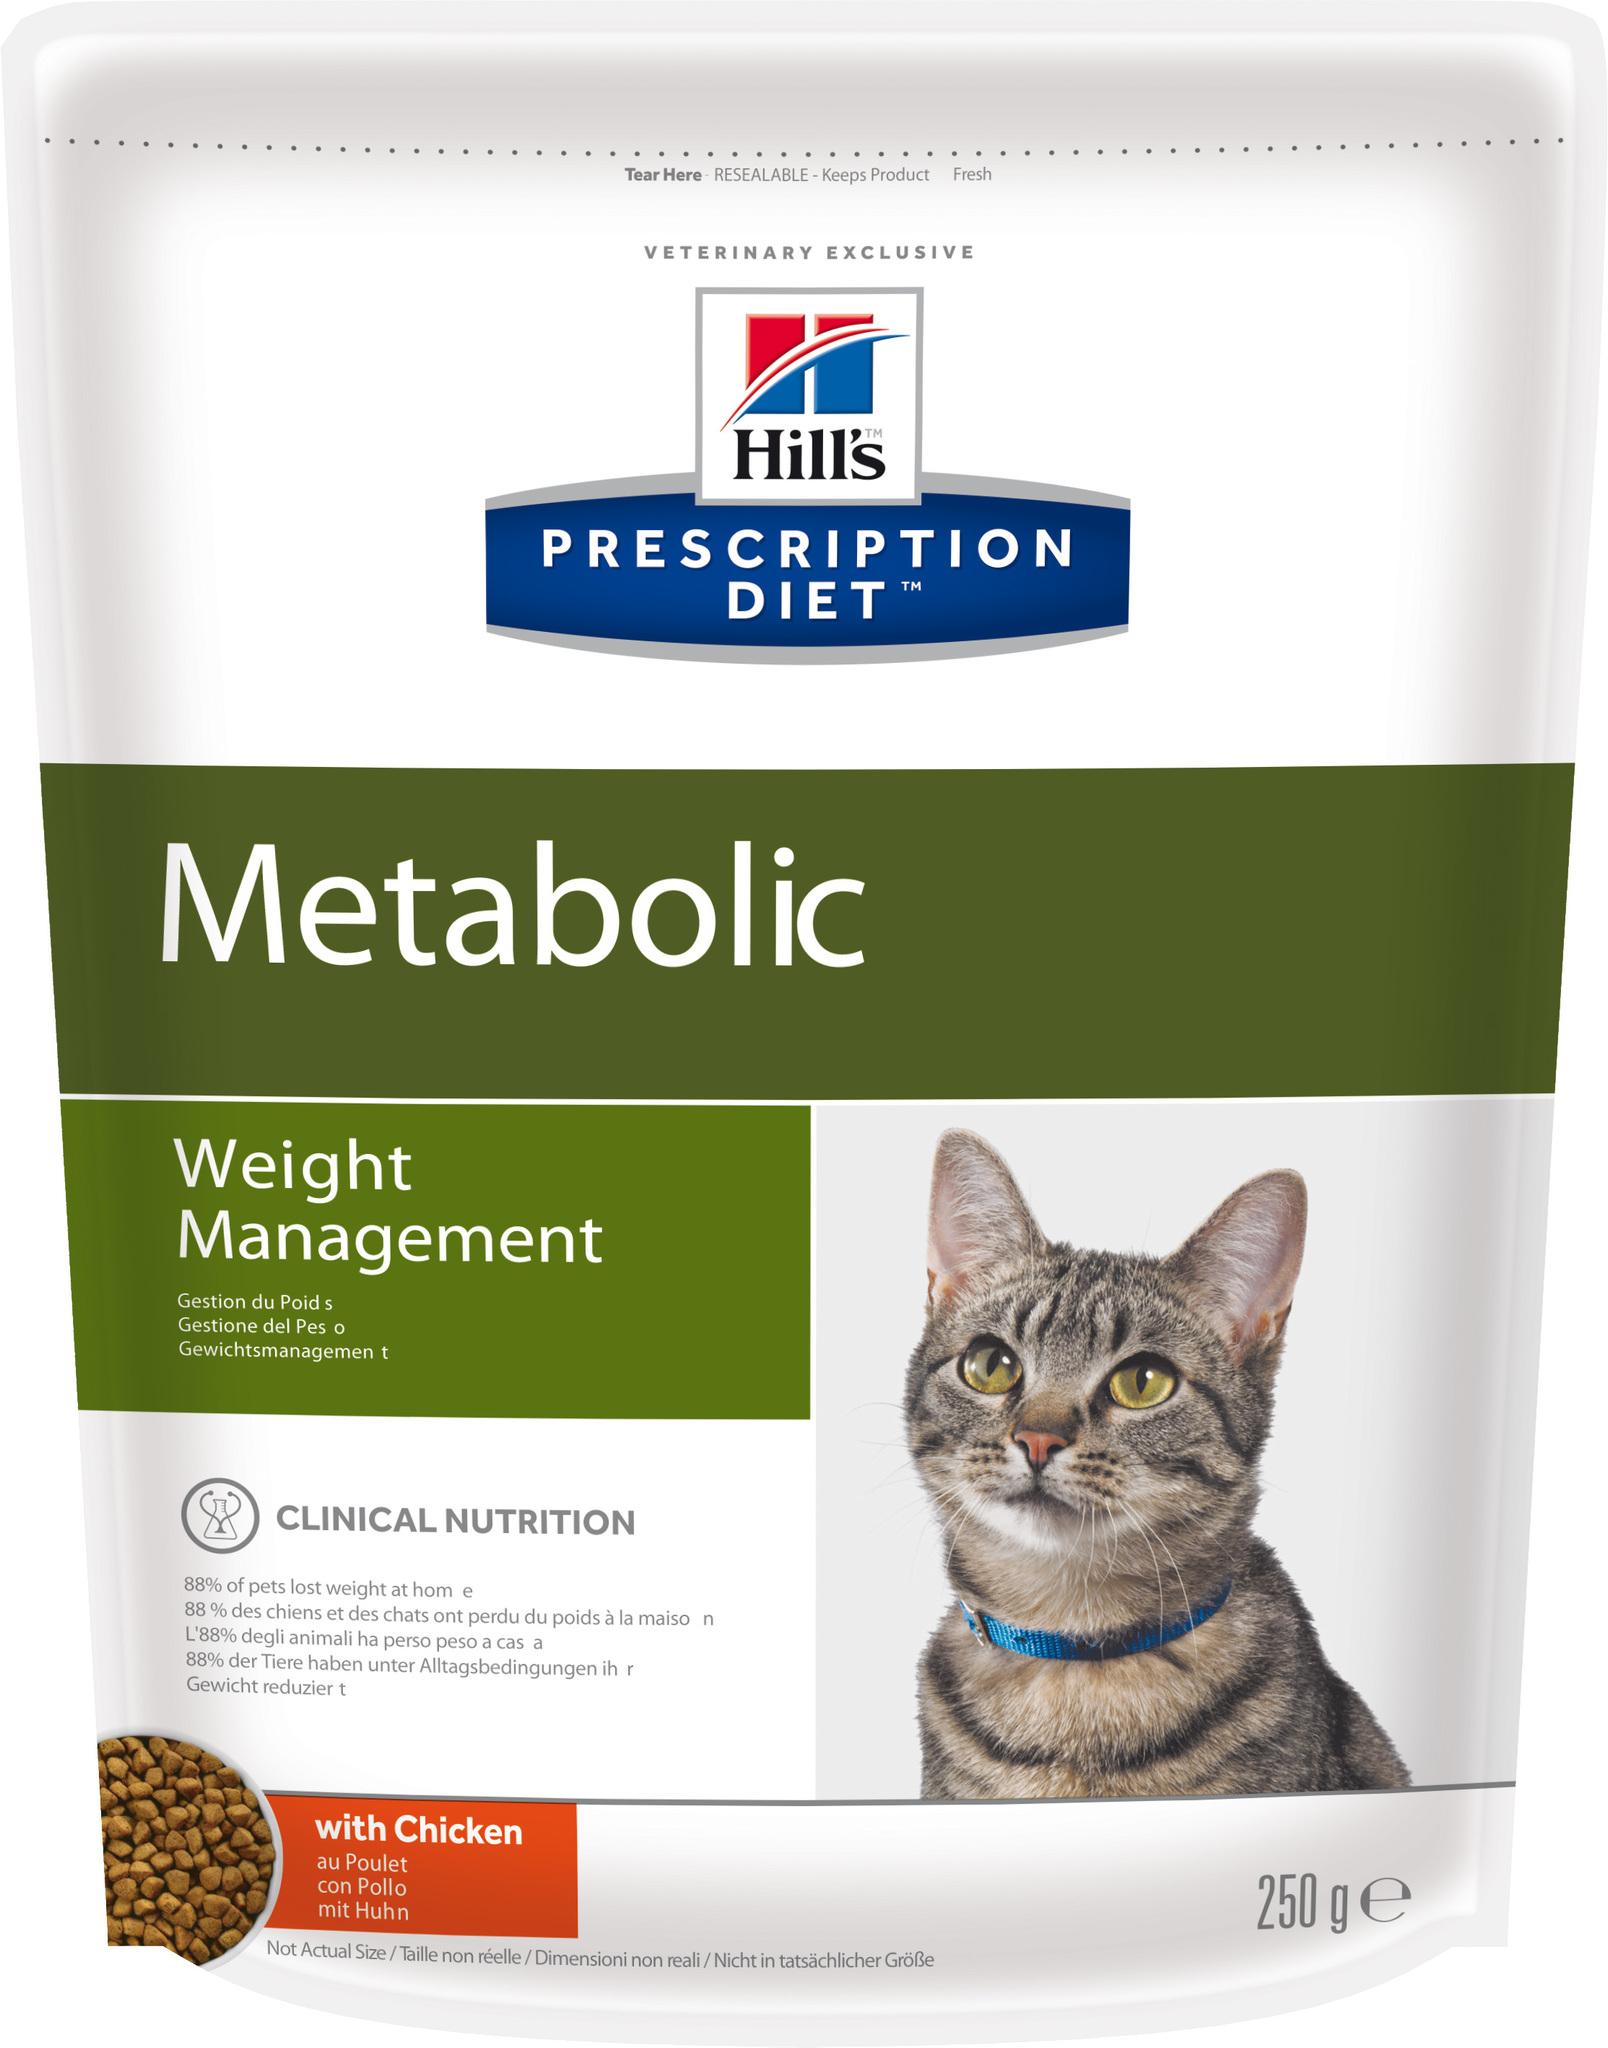 купить хиллс Hill's™ Prescription Diet™ Feline Weight Managemen wiht Chicken сухой корм для взрослых кошек, диетический рацион для коррекции веса 250 гр